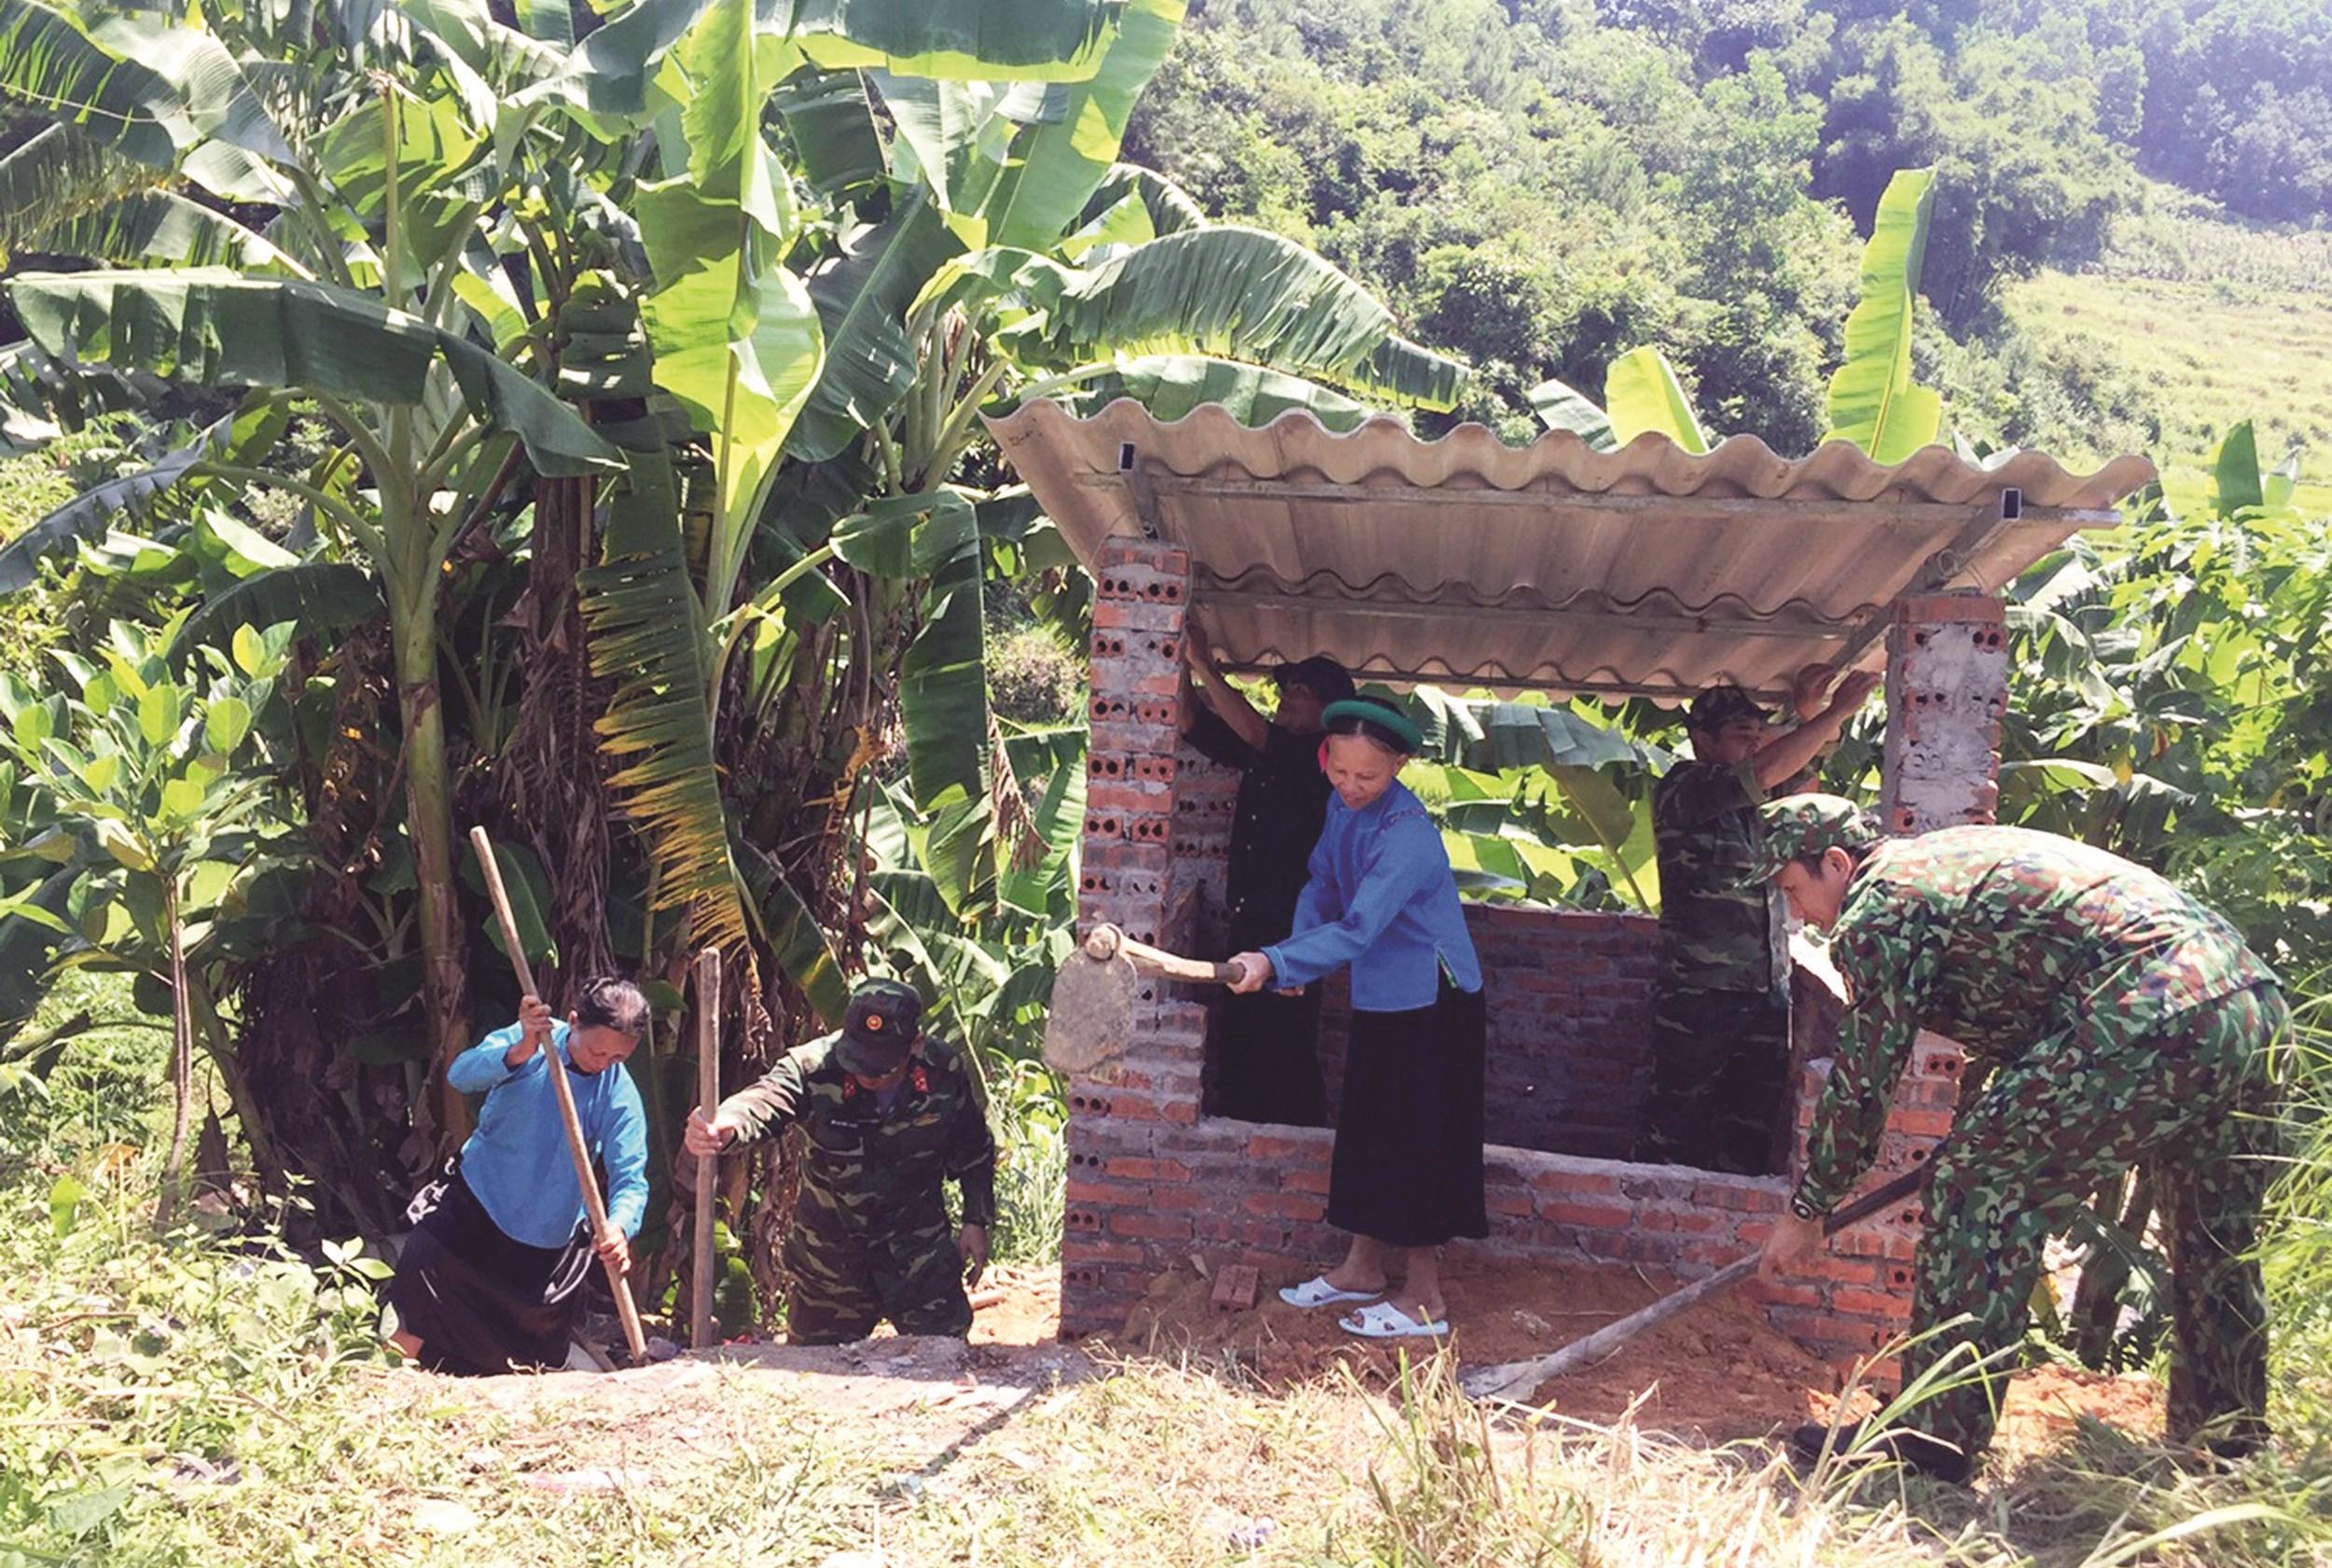 Đội vận động quần chúng Ban CHQS huyện Tiên Yên chung tay cùng bà con xây dựng lò đốt rác tập trung tại thôn Khe Quang, xã Đại Dực, huyện Tiên Yên